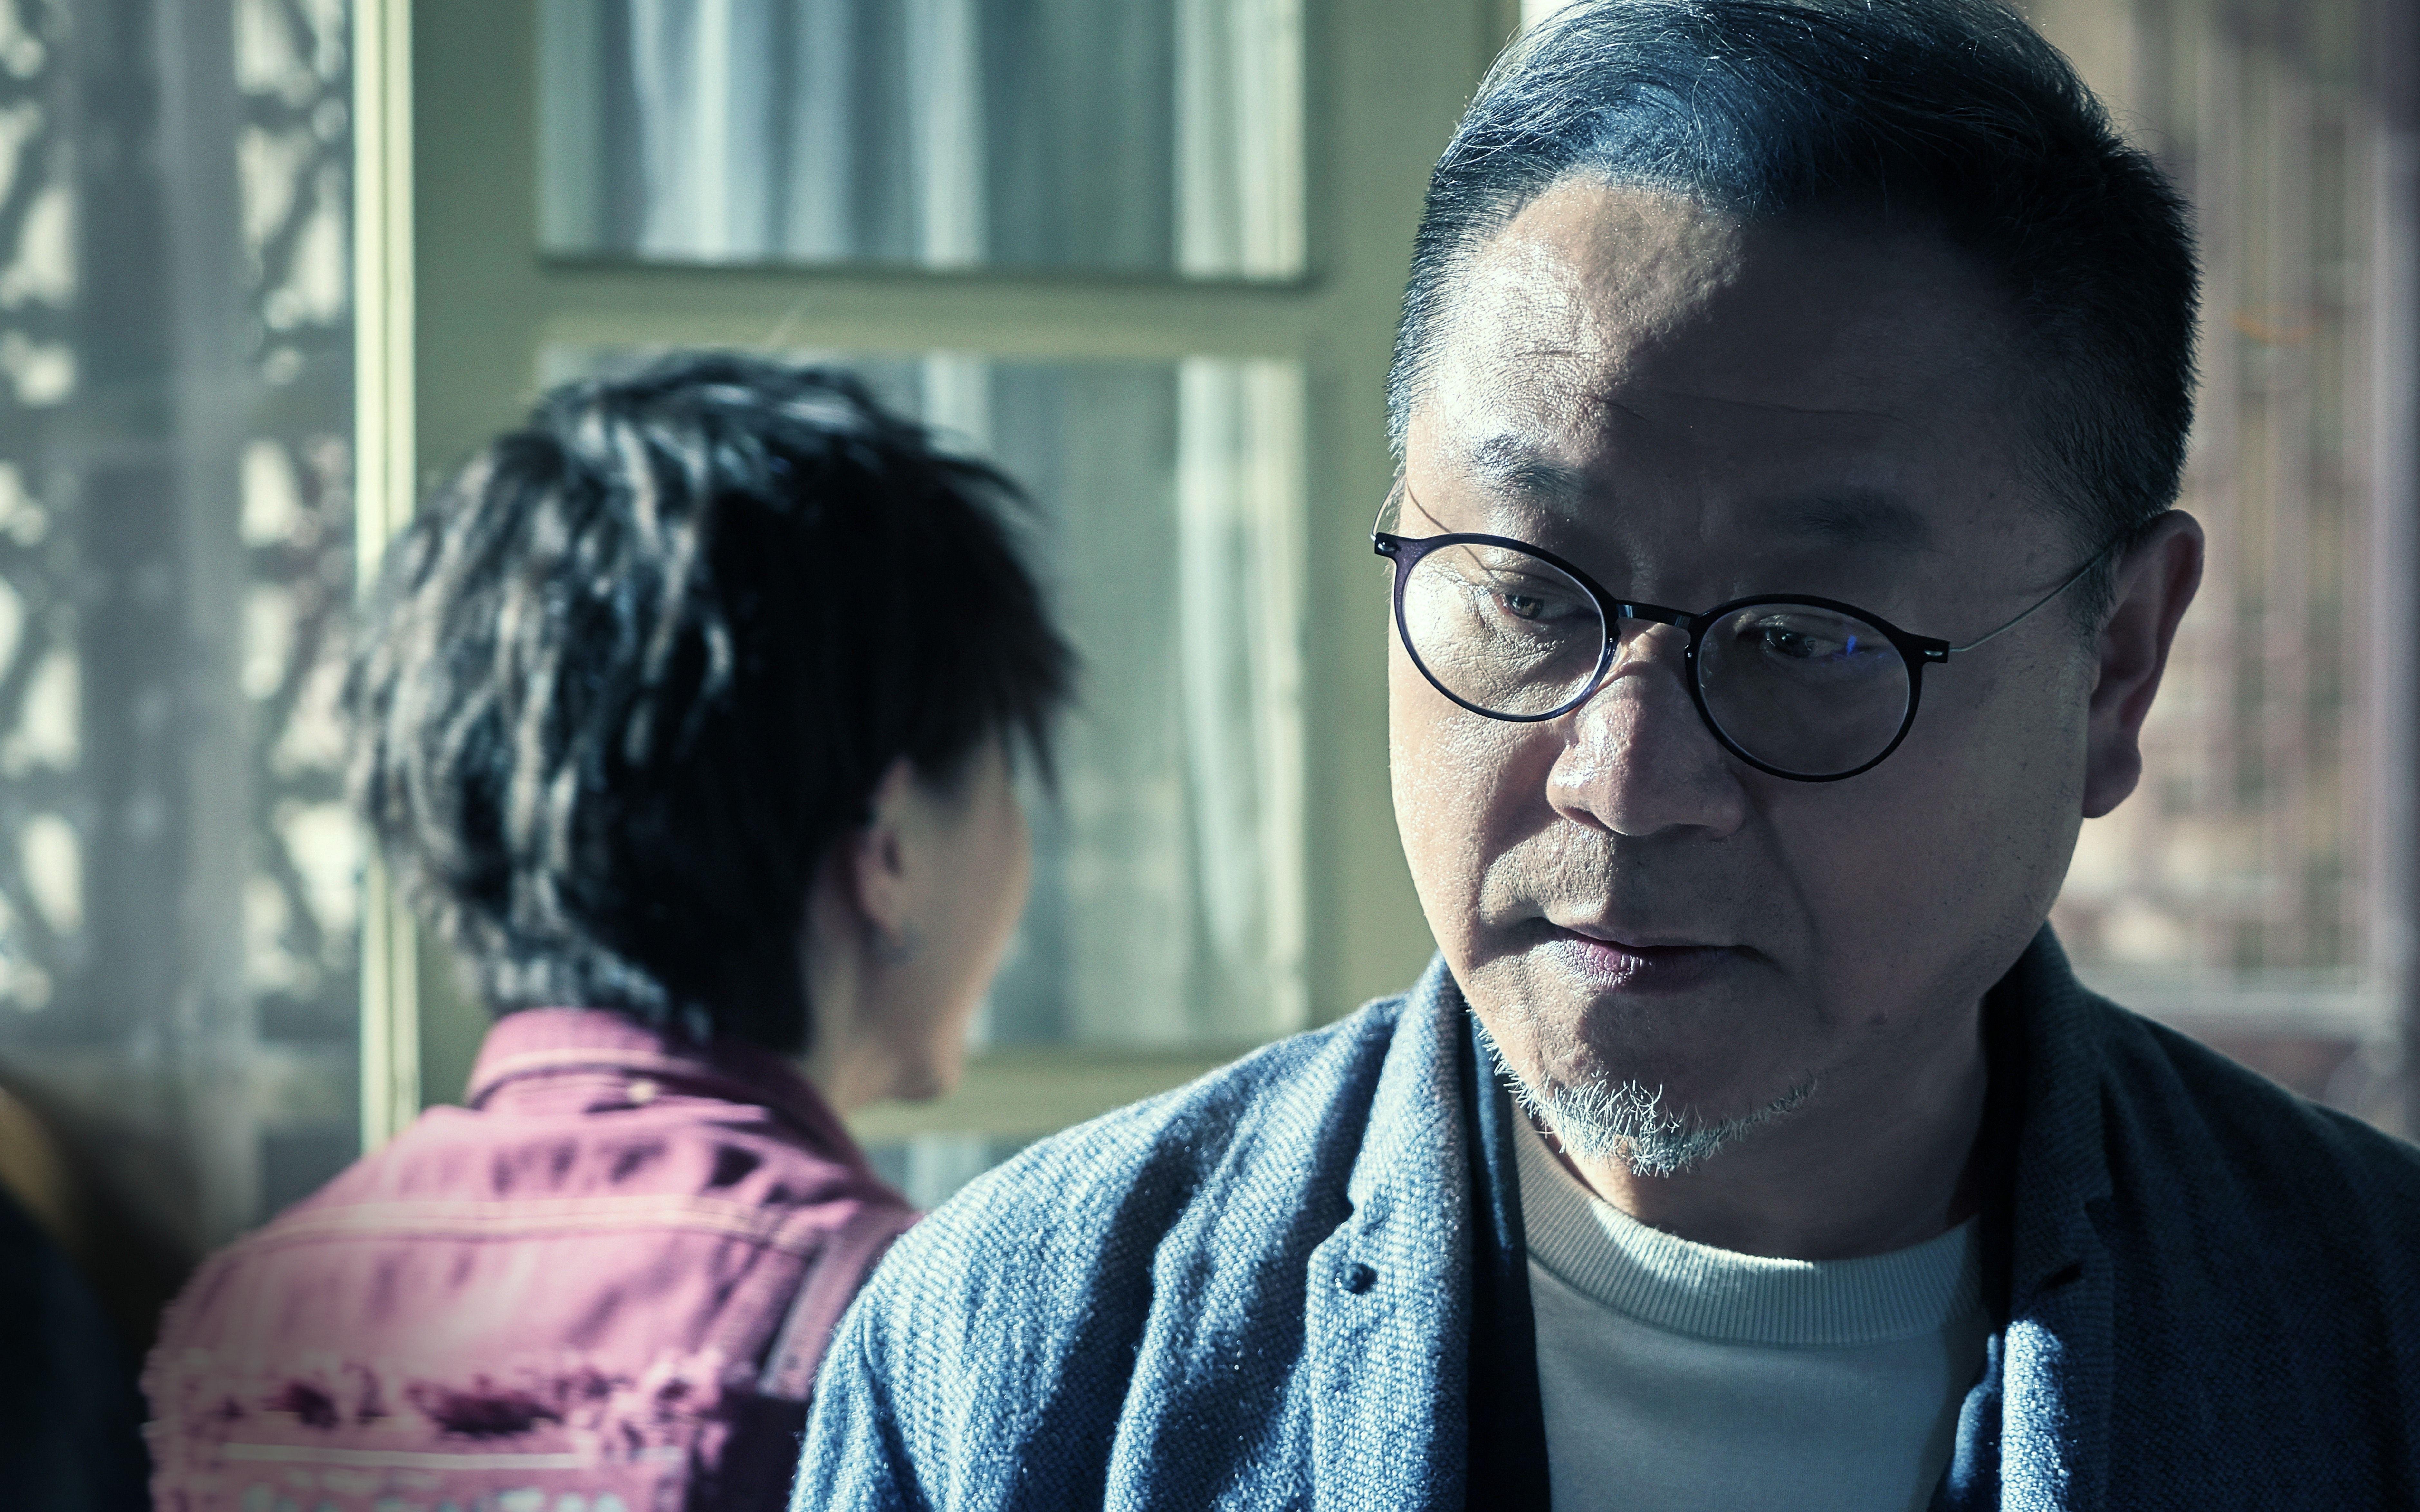 《长安道》:糟糕的节奏浪费了有质感的演员_万正纲